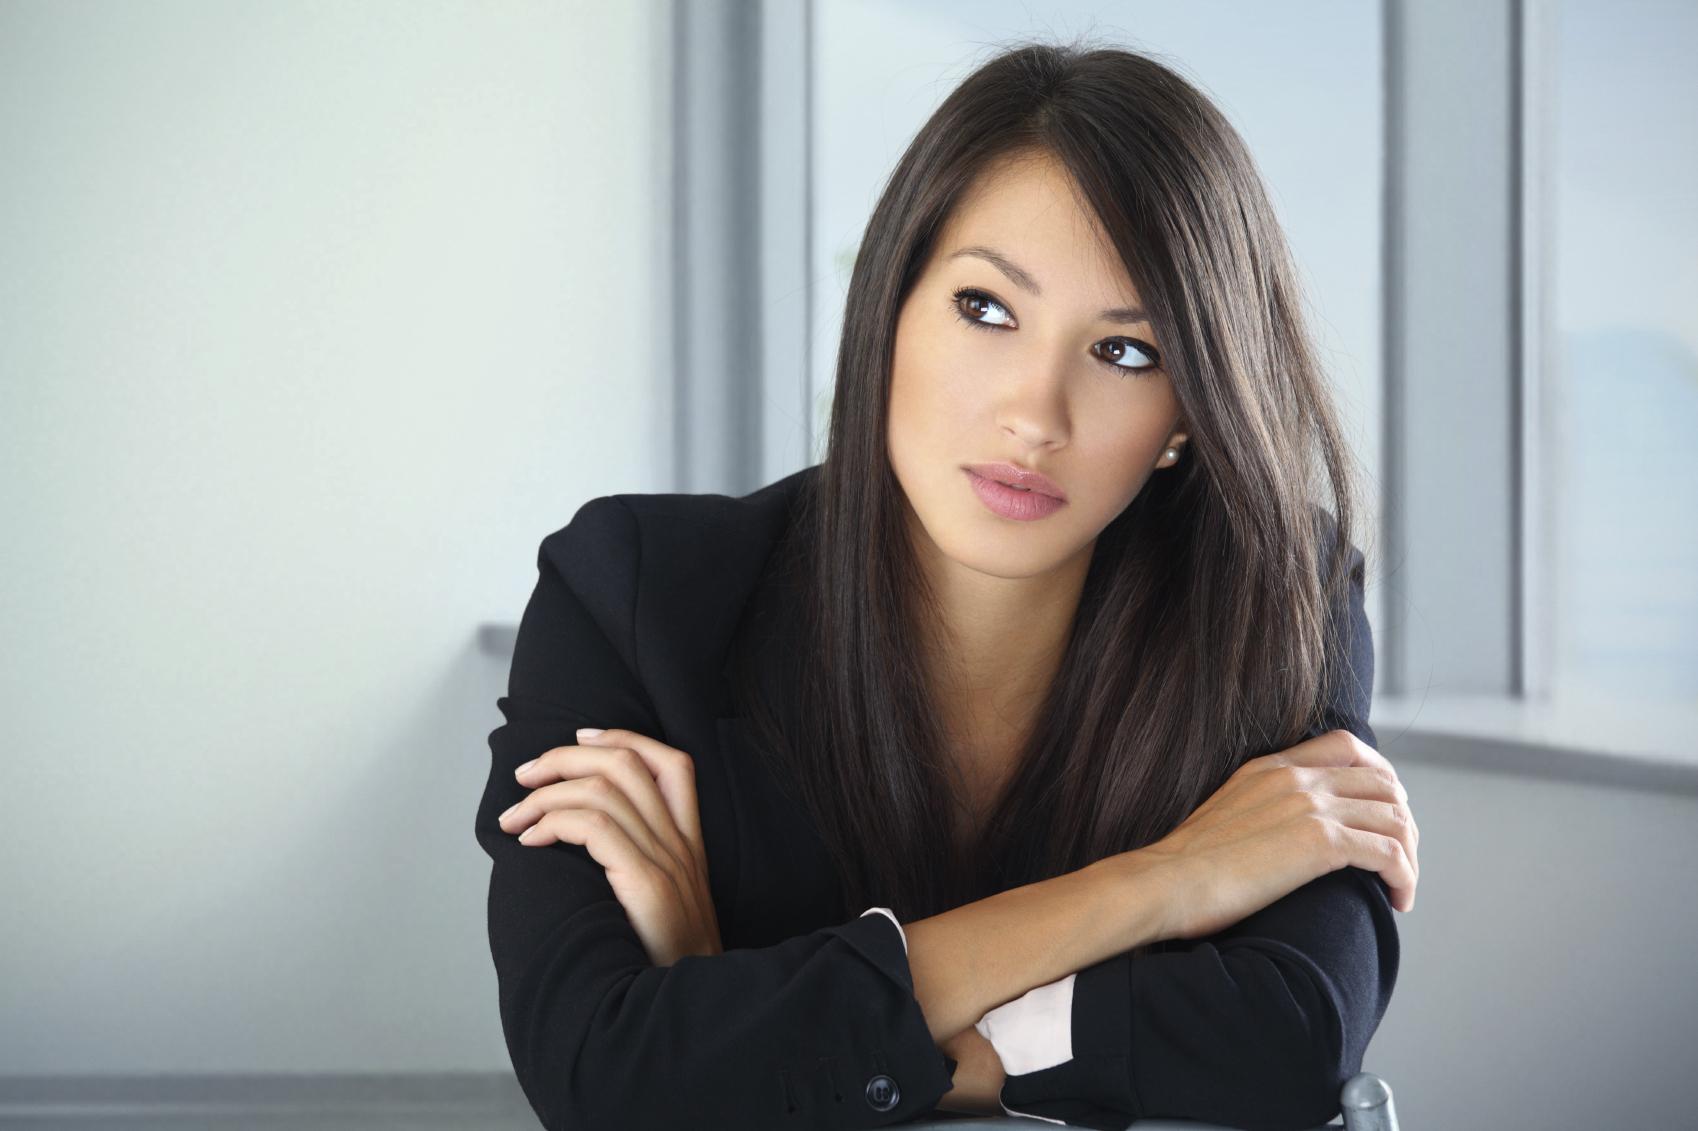 Redd for å slutte i jobben selv om du ikke trives?